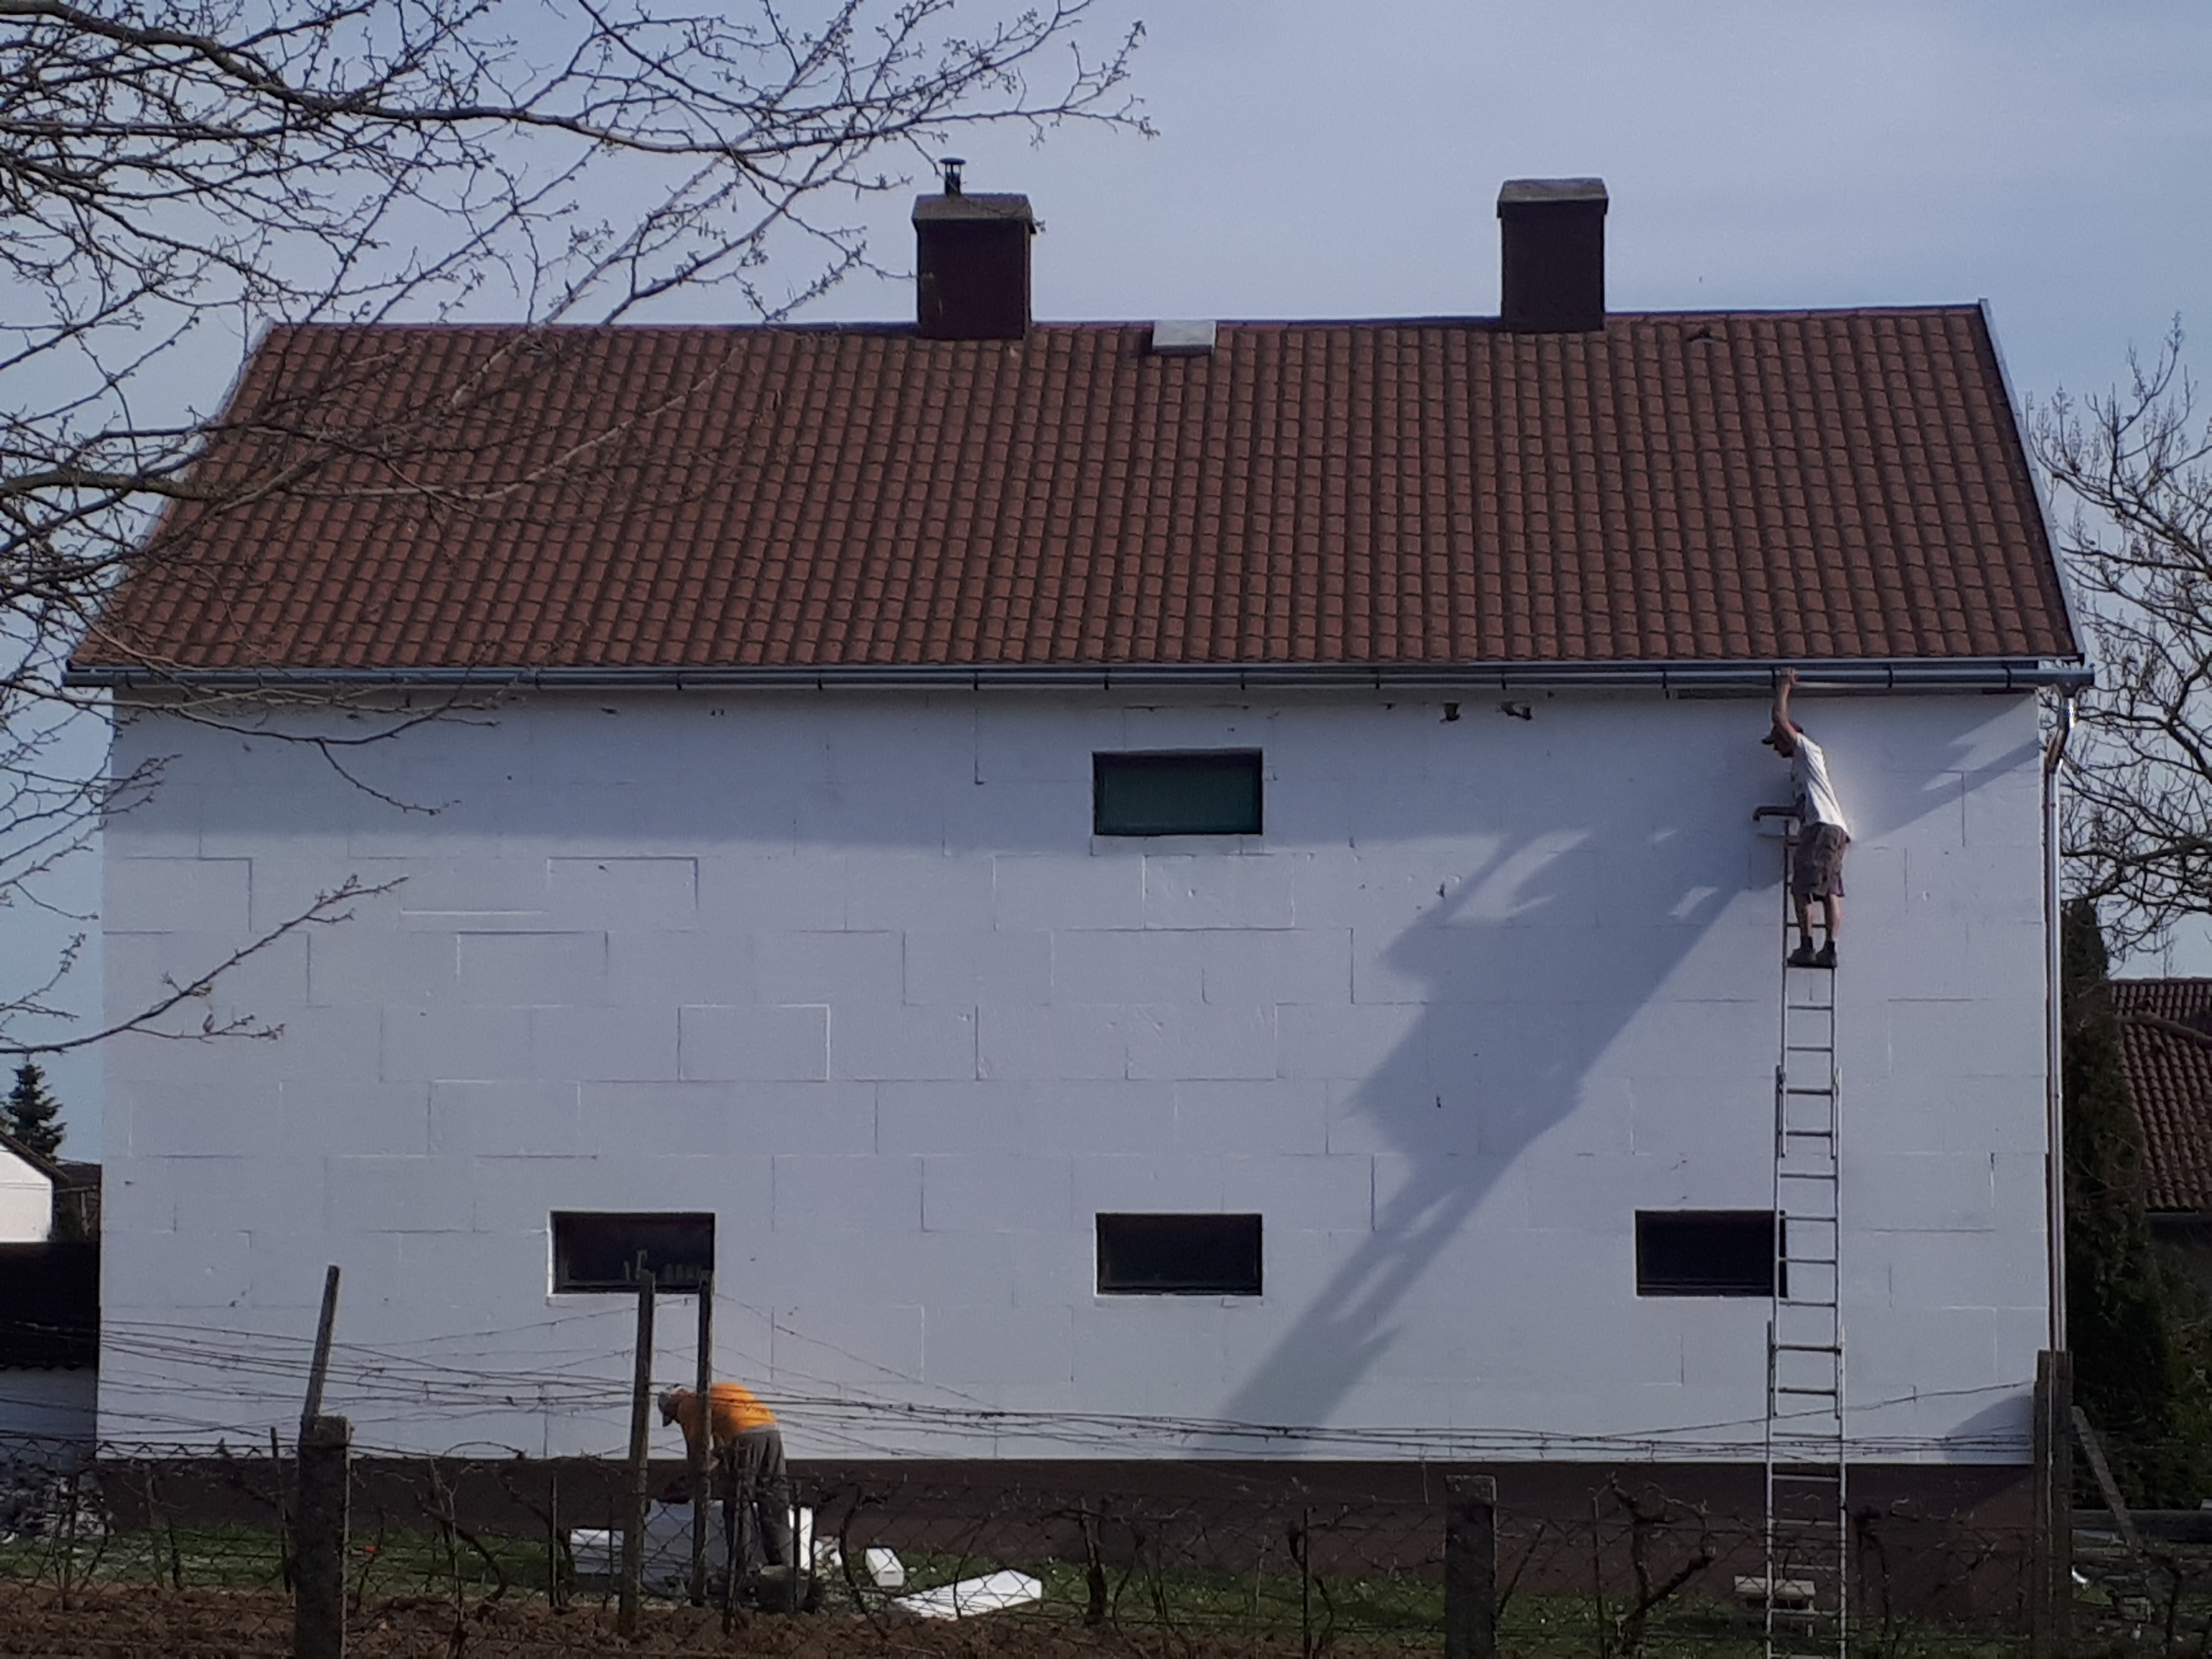 Palatető felújítás Jobaháza, palatető szigetelés JobaházaCsaládi ház palatető felújítása